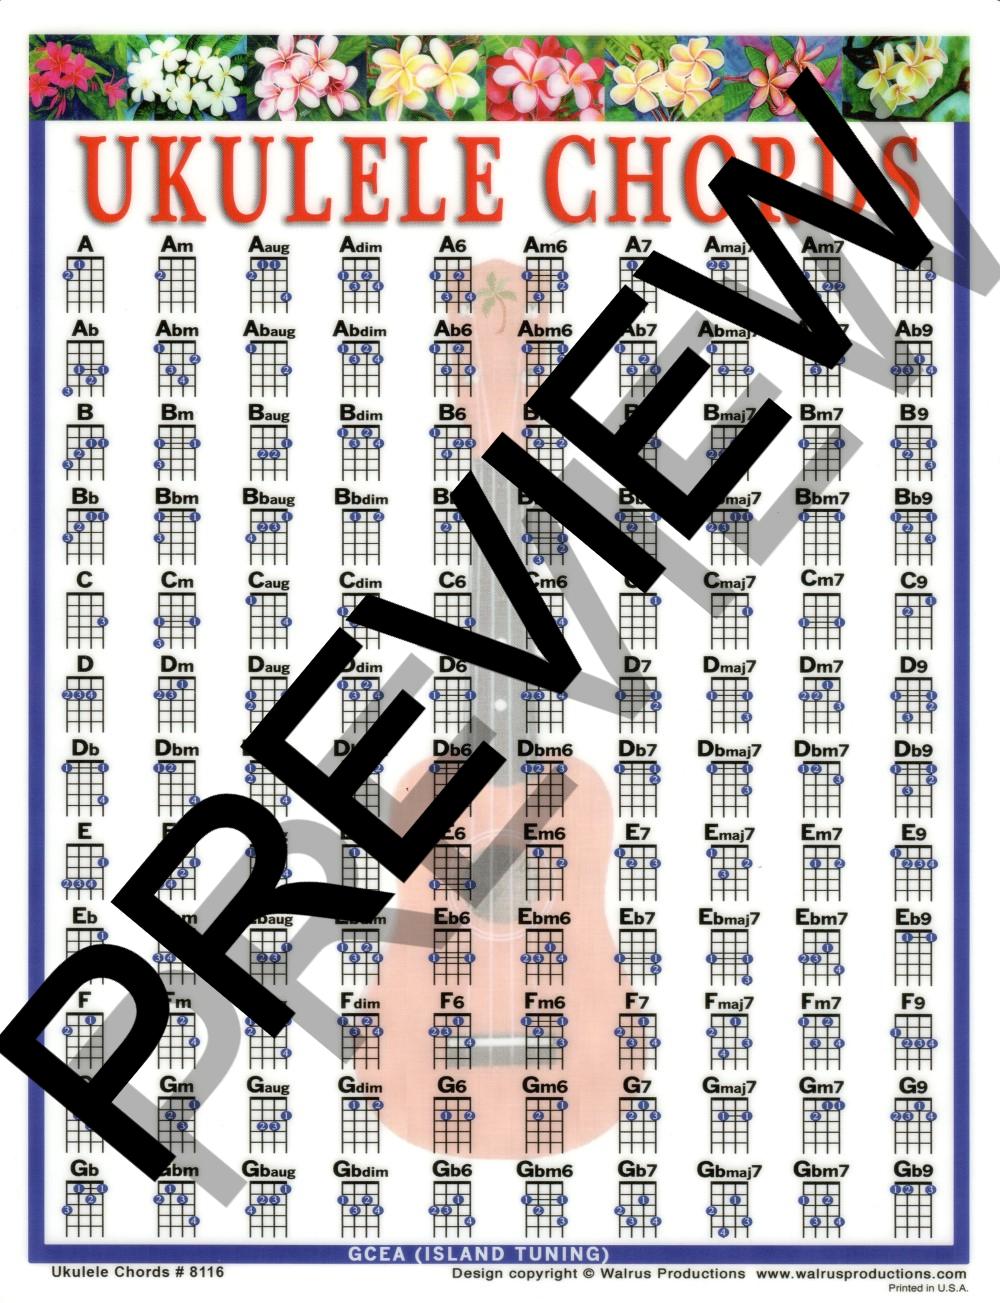 Walrus Productions 8116 Laminated Ukulele Chords Mini Chart, 8.5 x 11